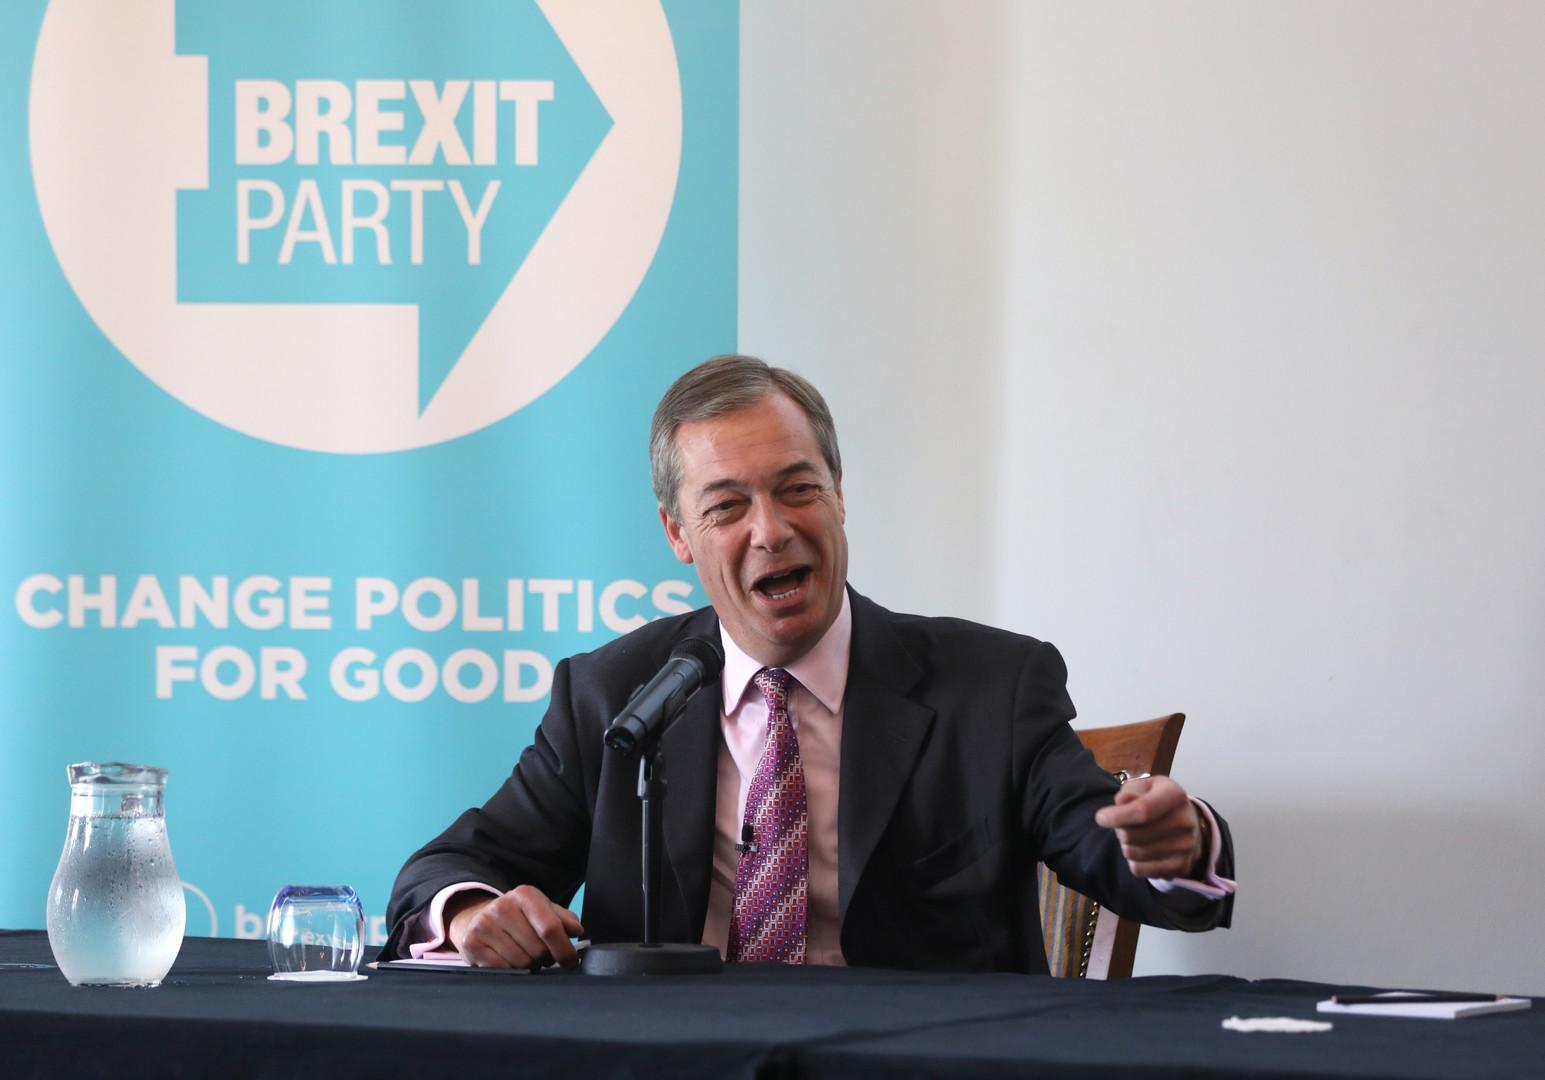 زعيم حزب بريكست البريطاني، نايجل فرج